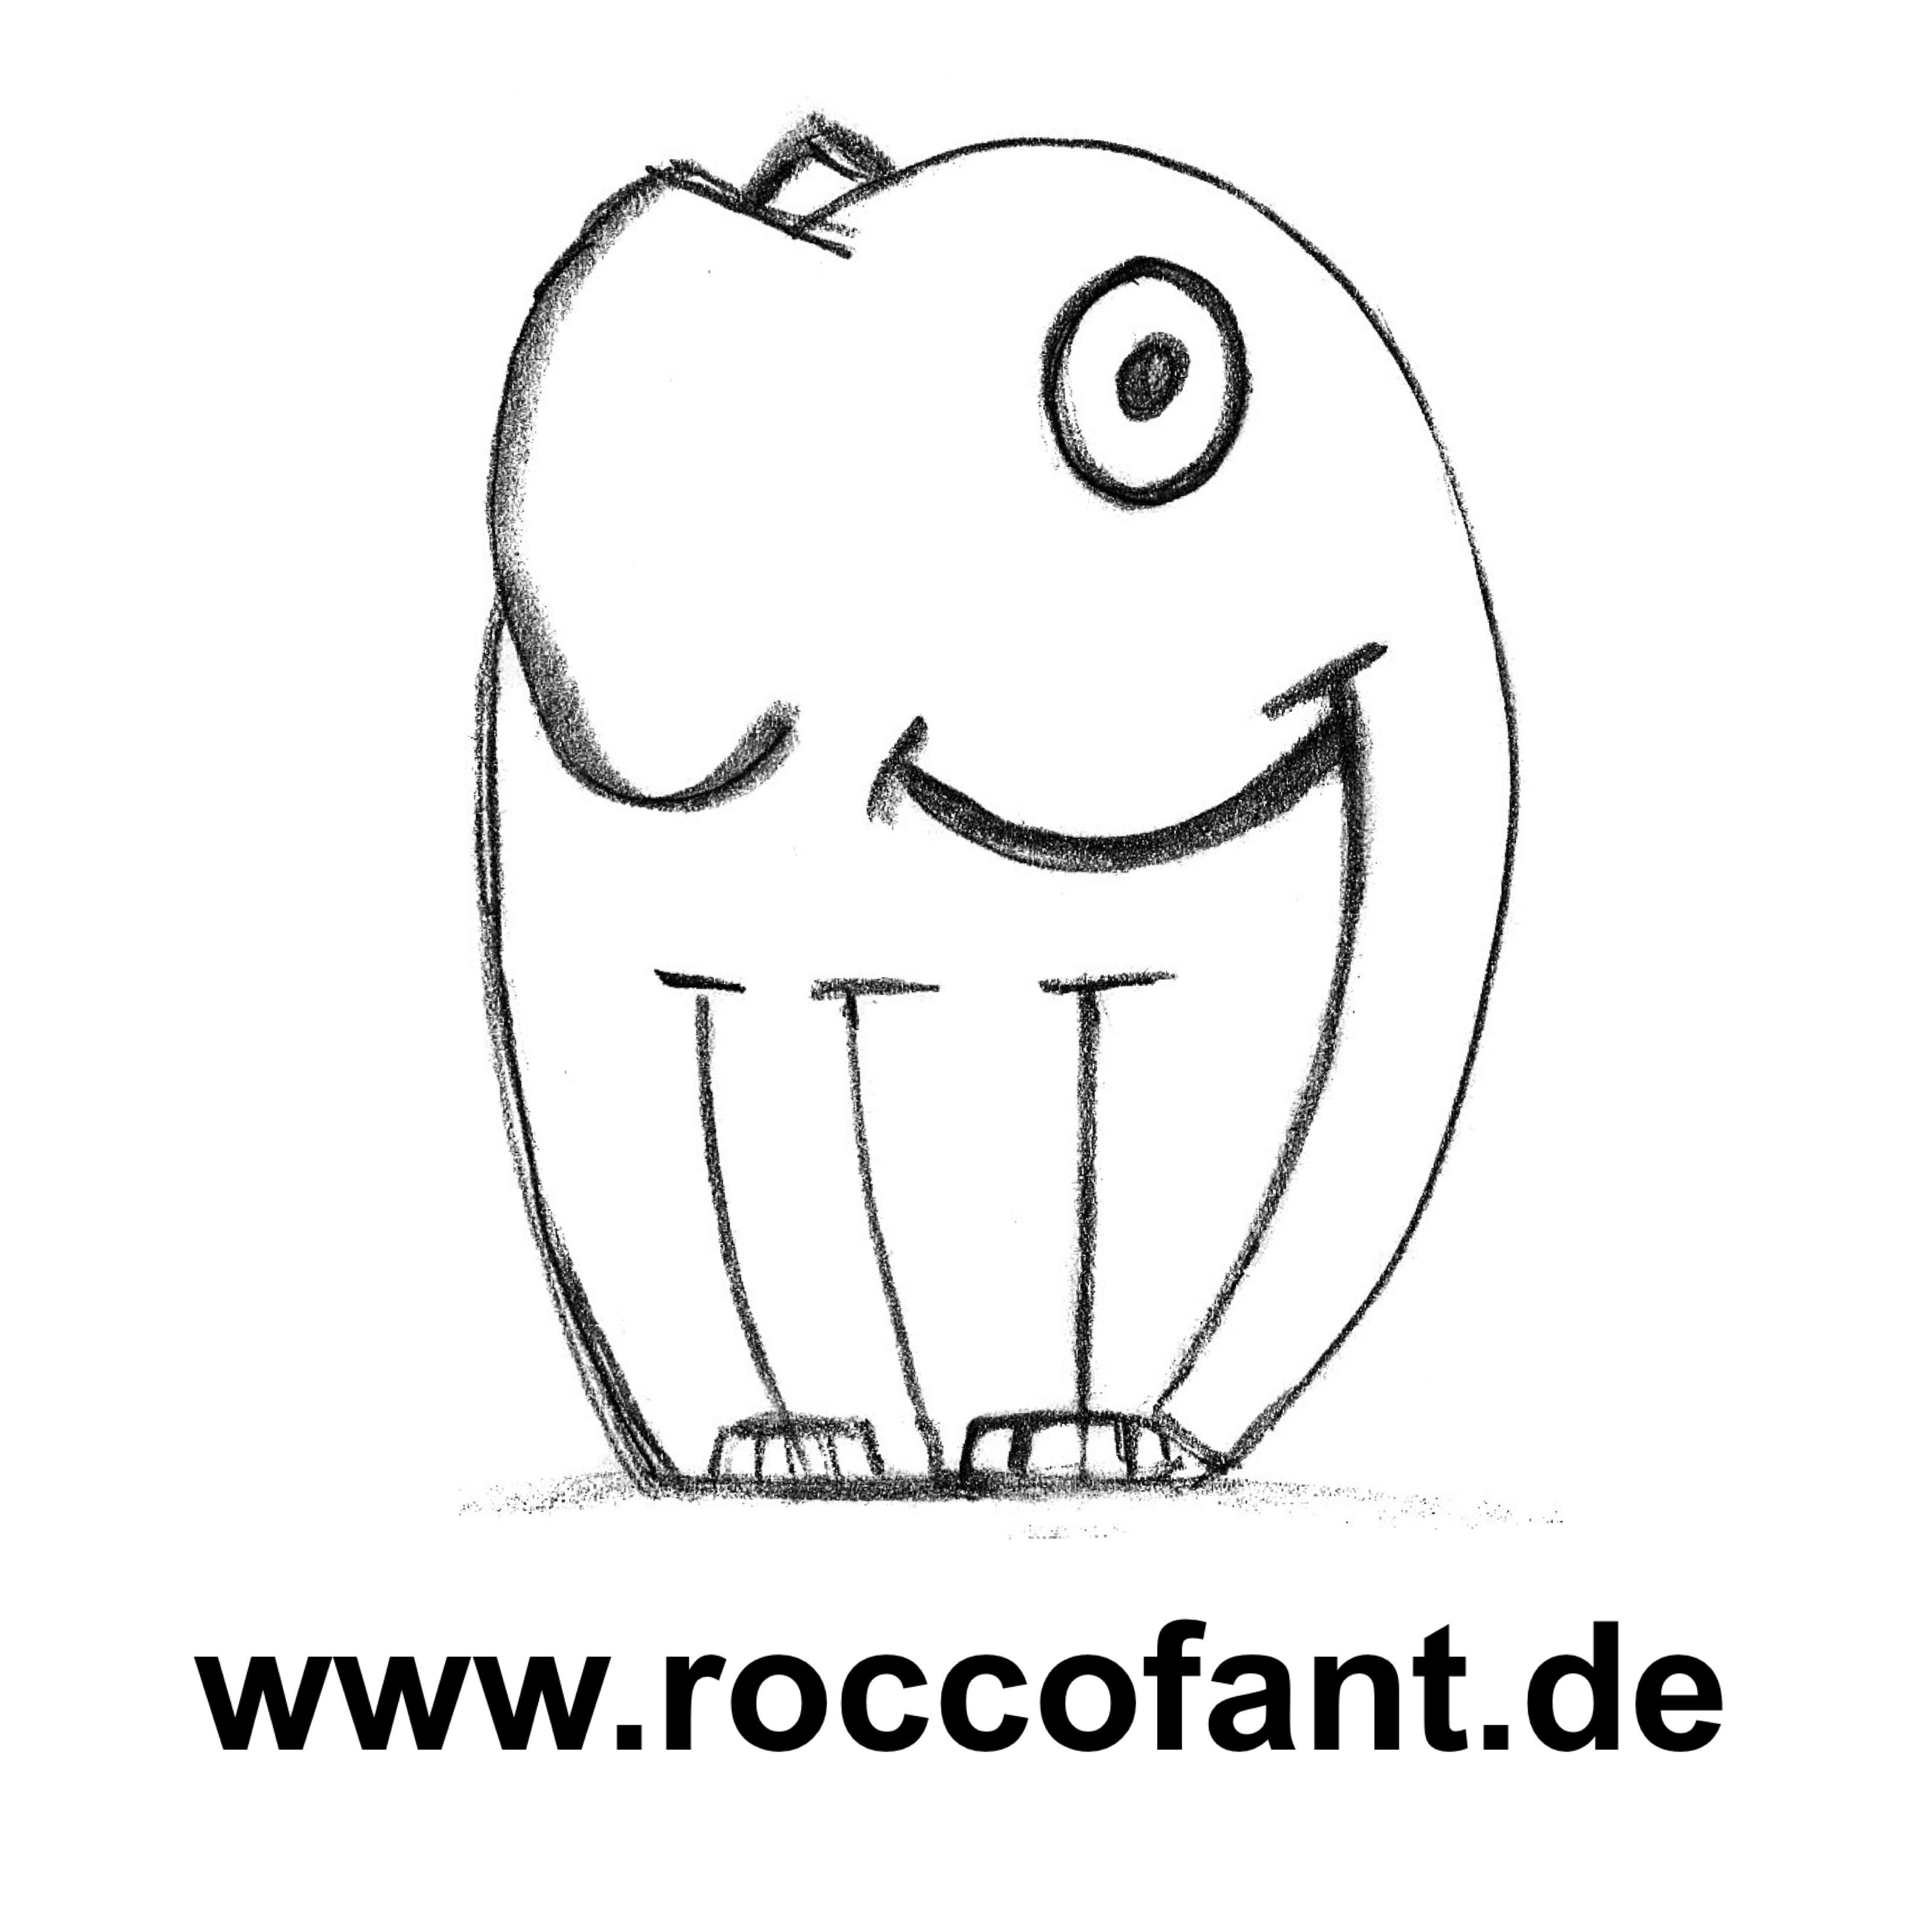 Roccofant.de